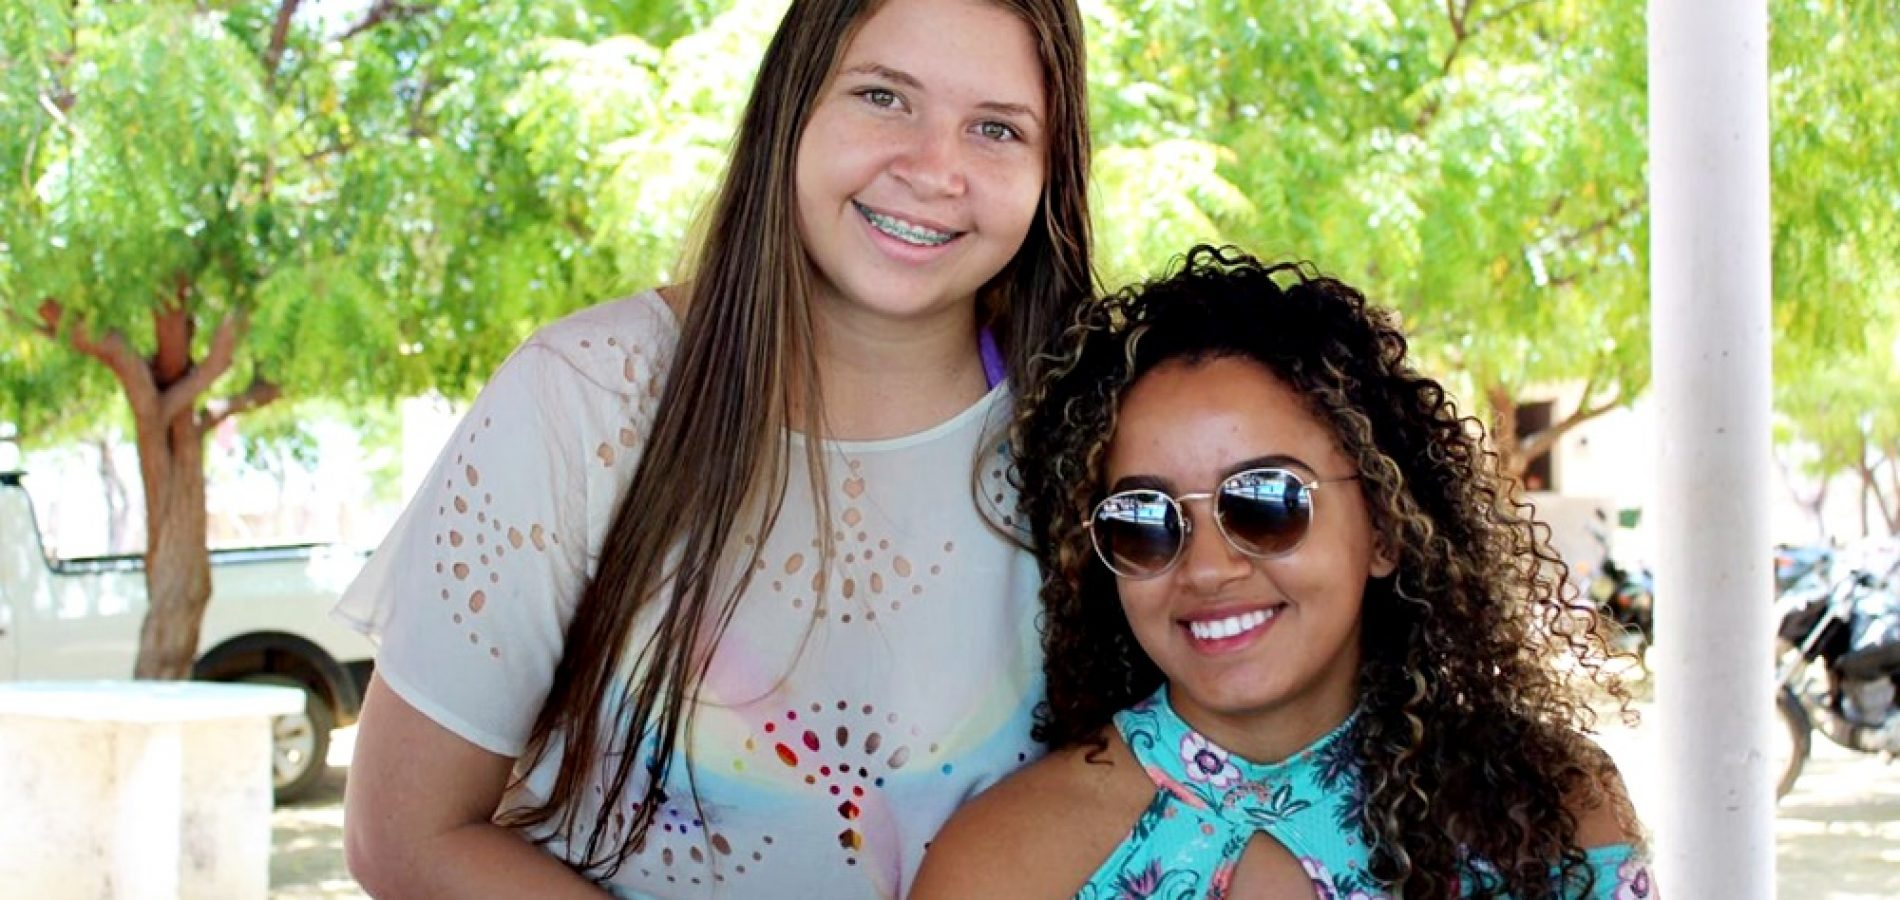 ALEGRETE│IV Festival Estudantil de Identidade Cultural é aberto com Dia de Lazer para alunos e servidores da U.E.E. ASA; fotos